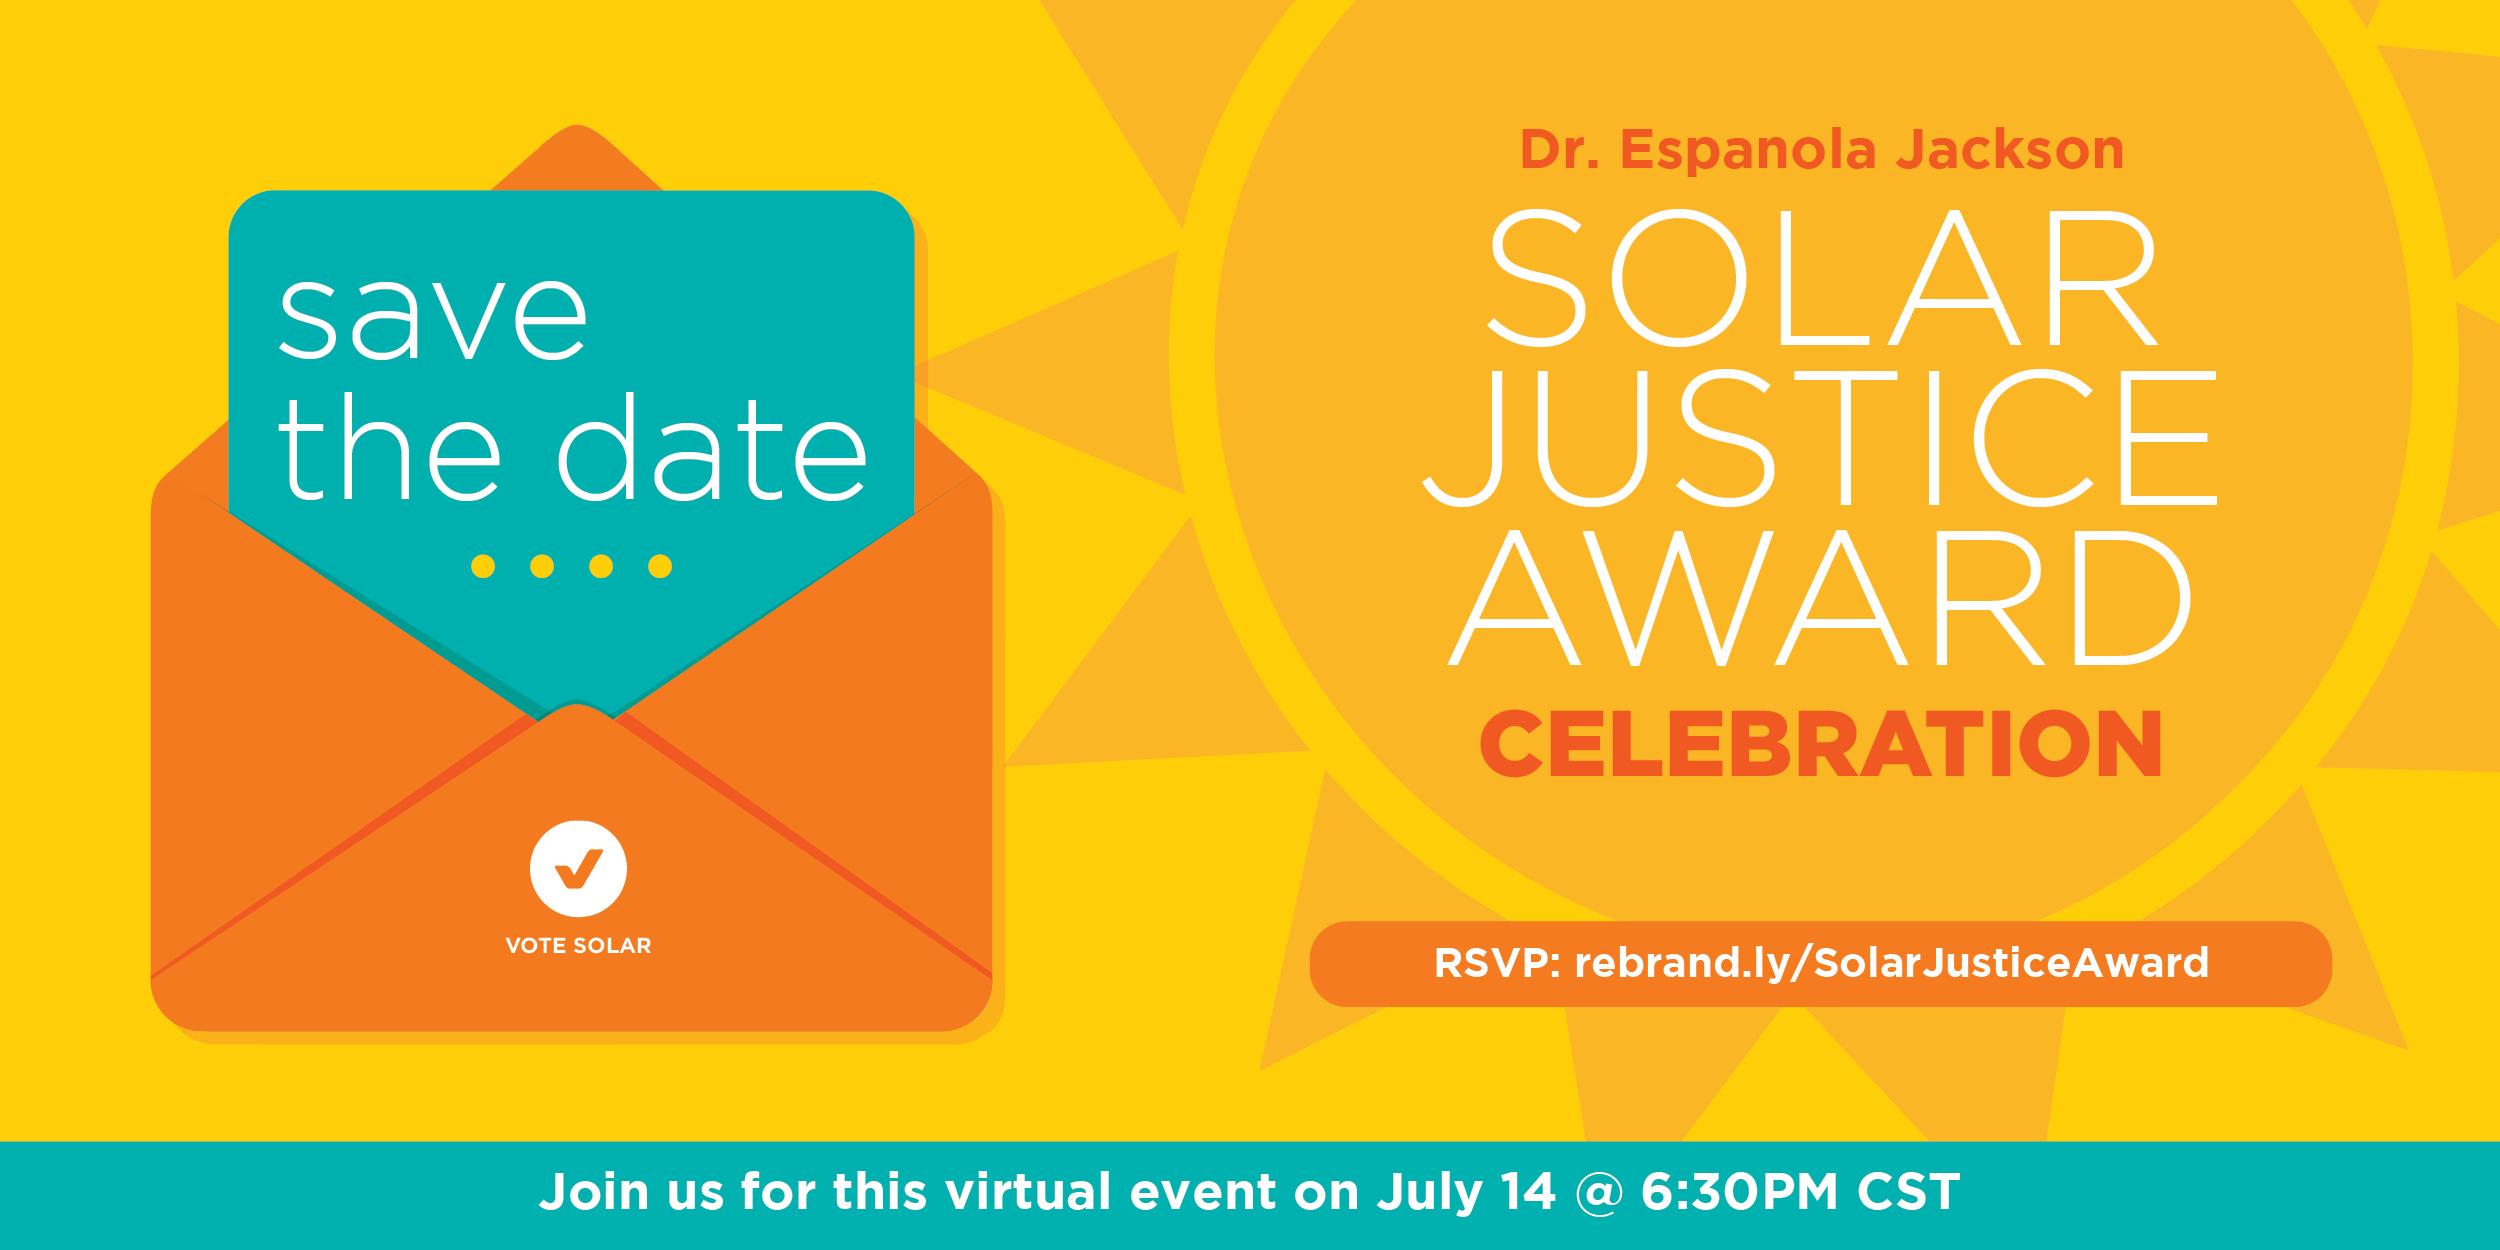 solar justice award